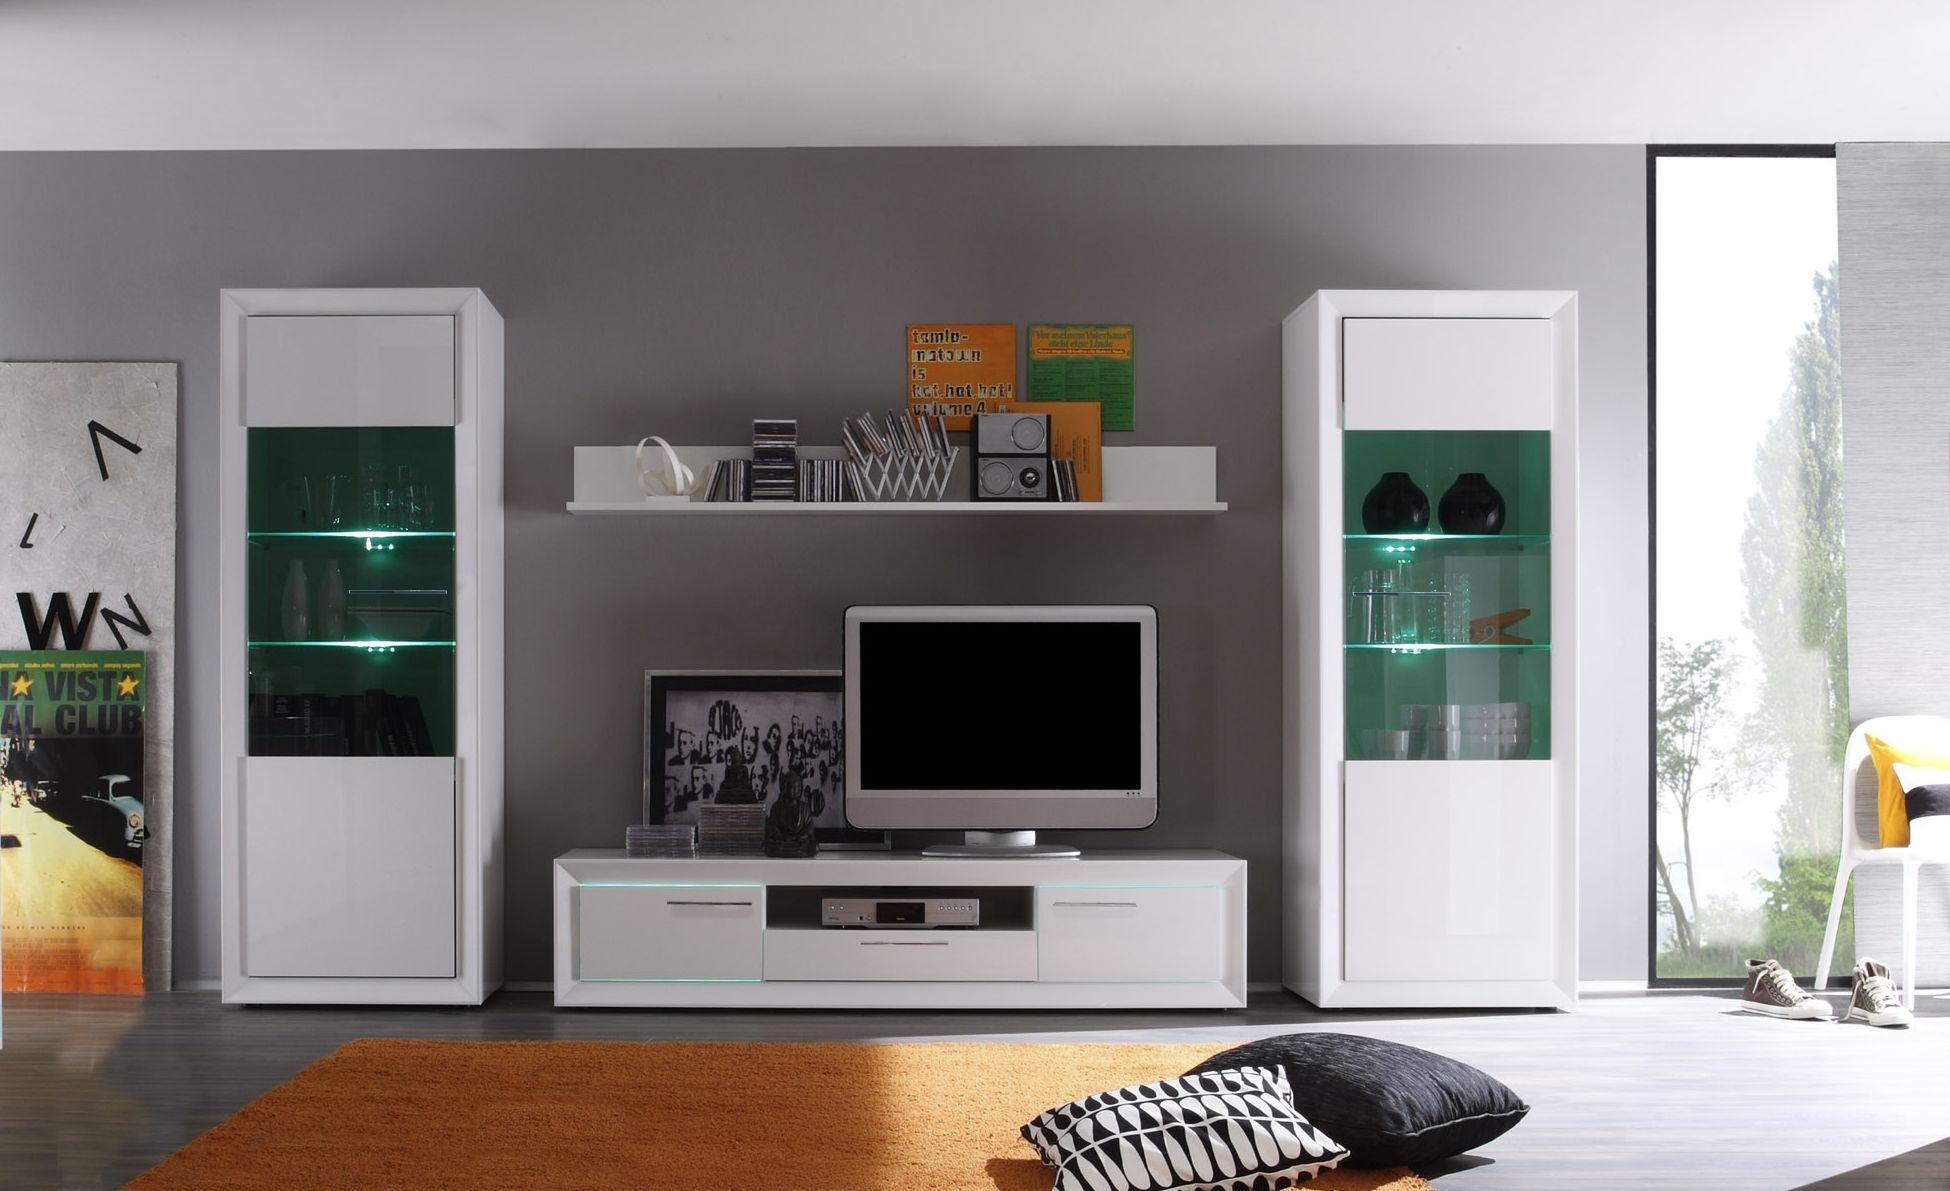 Vetrine per soggiorni moderni good credenze madie e vetrine moderne per il soggiorno with - Vetrine moderne per sala da pranzo ...